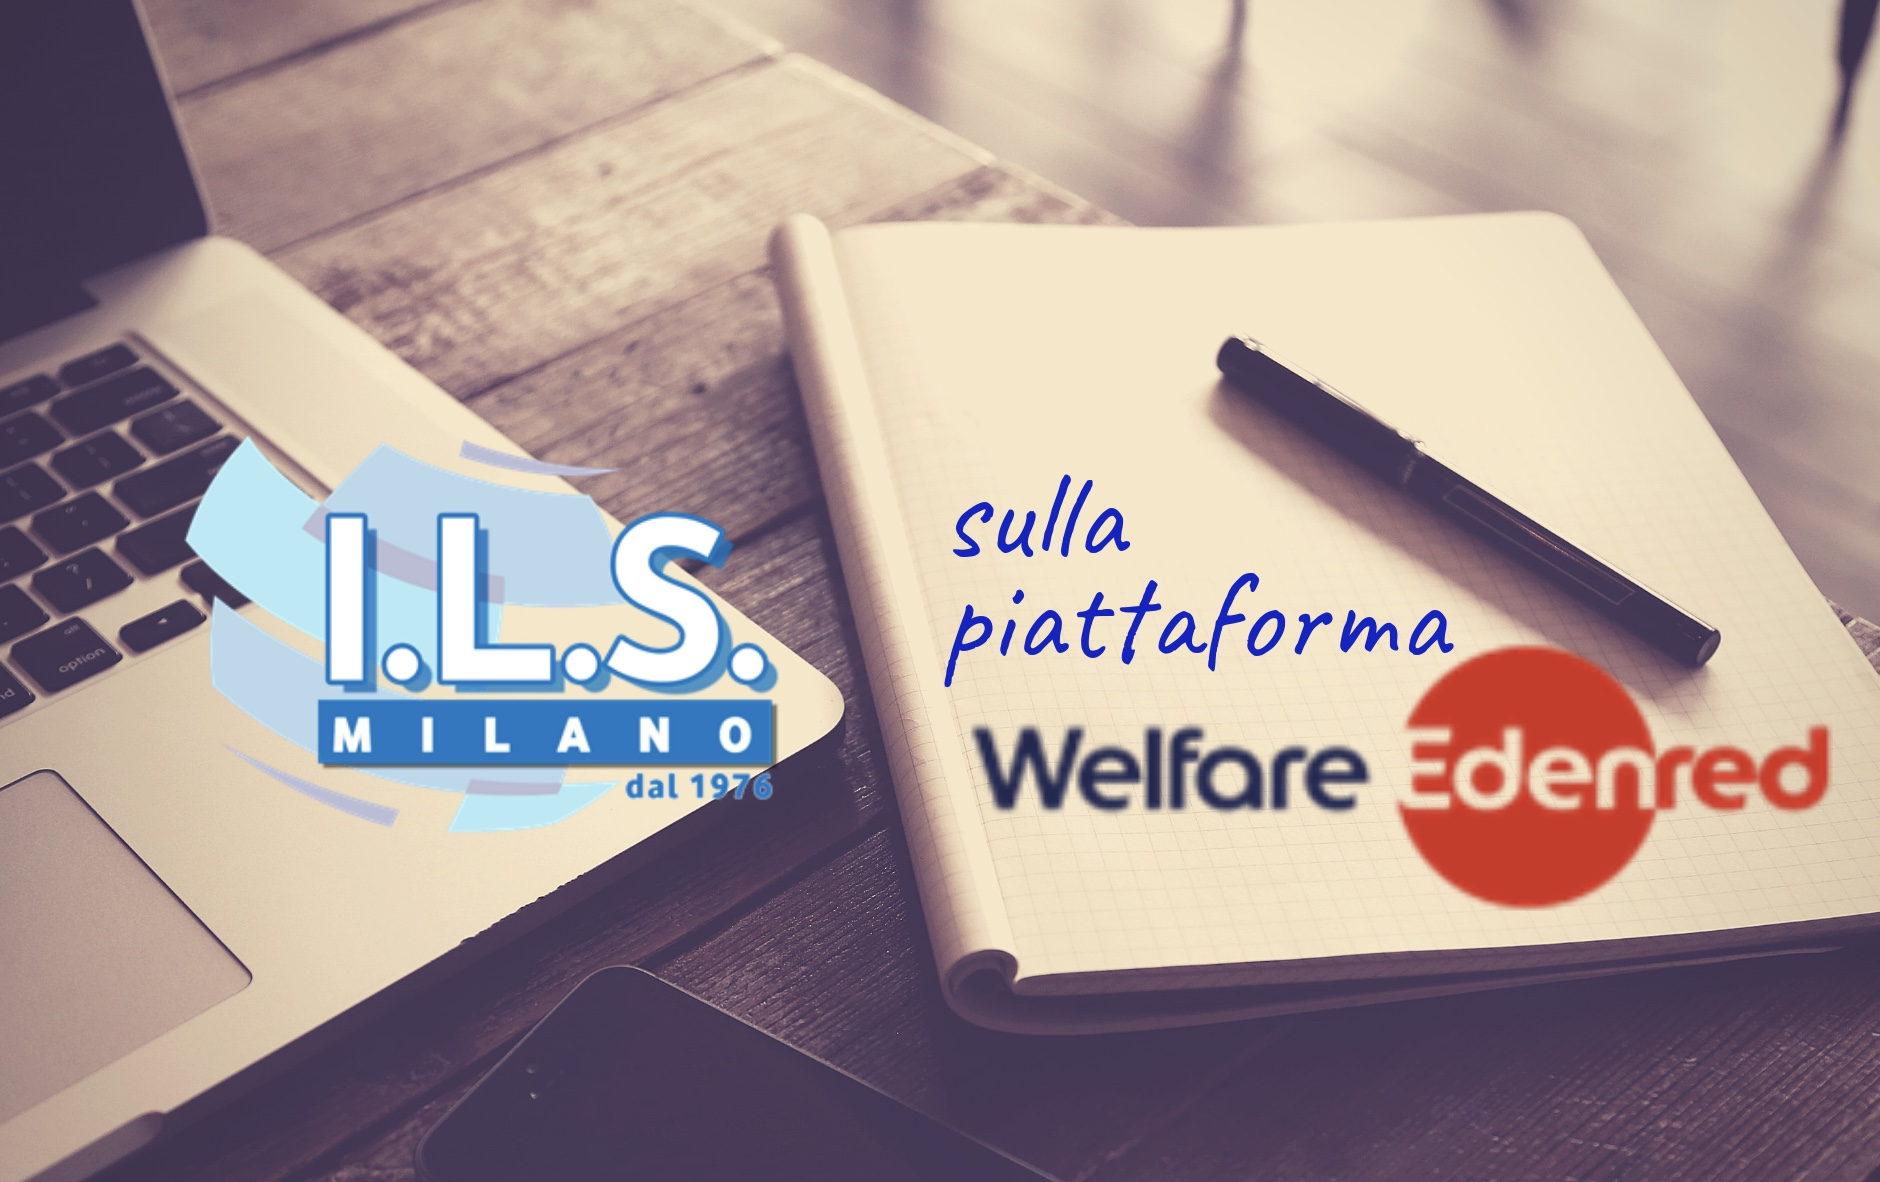 ILS Milano piattaforma welfare edenred corsi di inglese scuola di lingue milano corso inglese online voxy